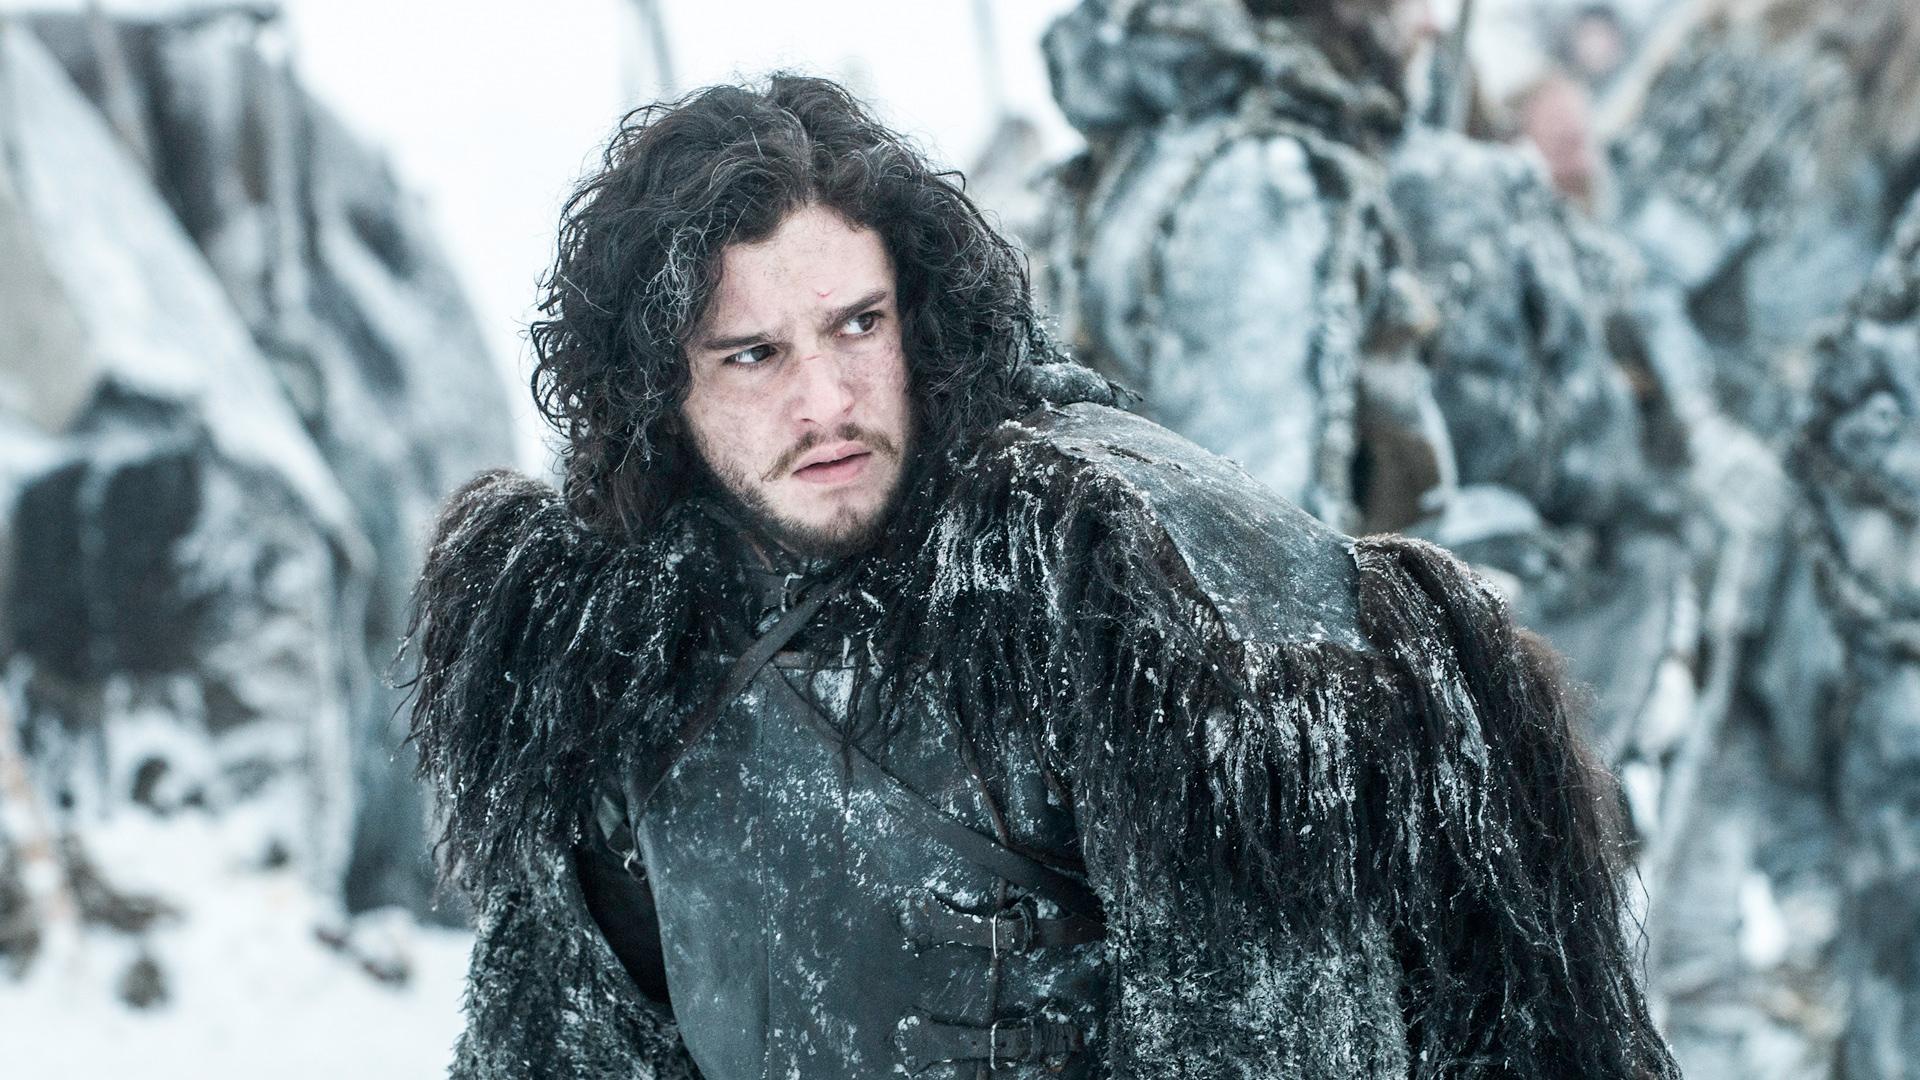 Is Jon Snow a White Walker?